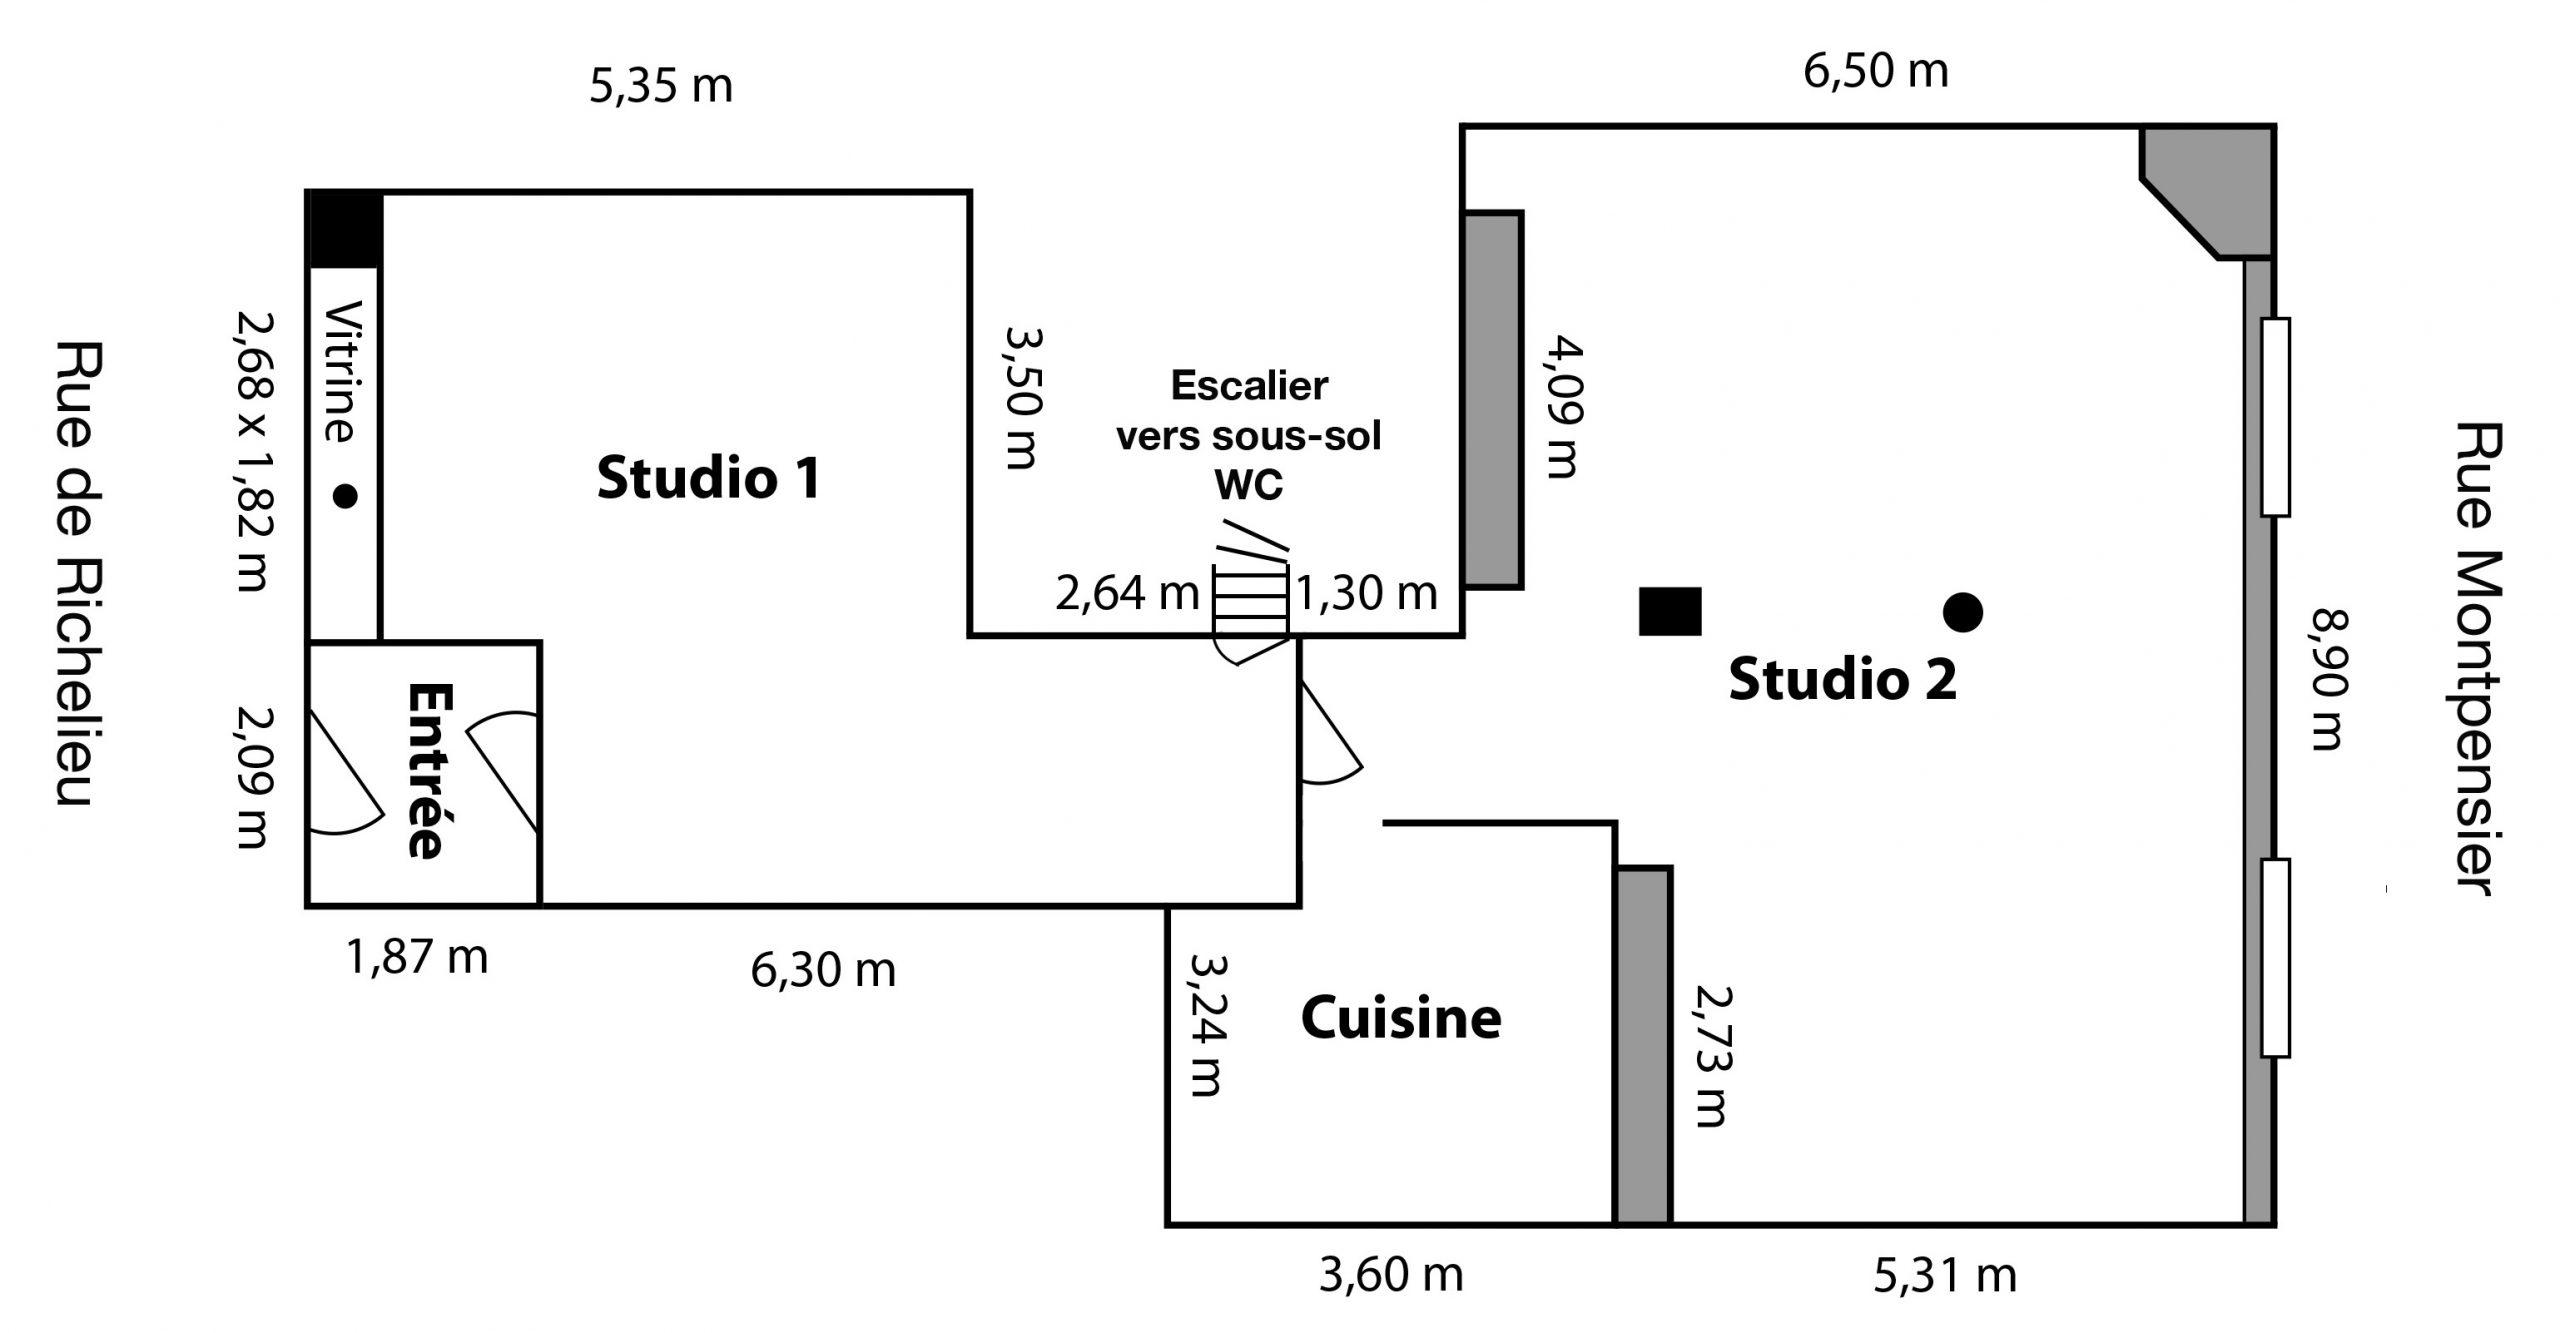 Plan de l'Espace Louvre